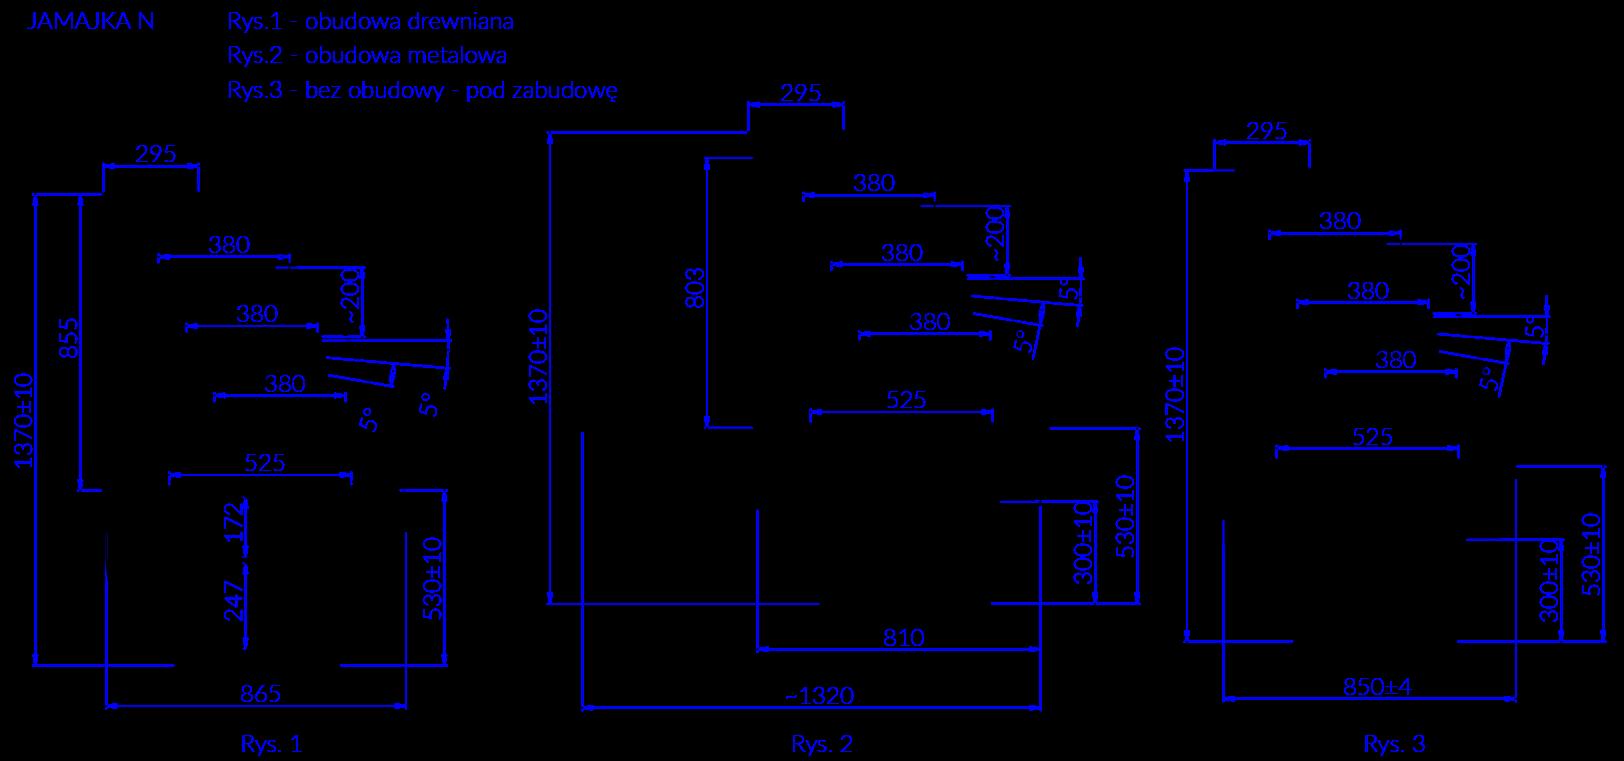 Rysunek techniczny Witryna cukiernicza JAMAJKA N MOD